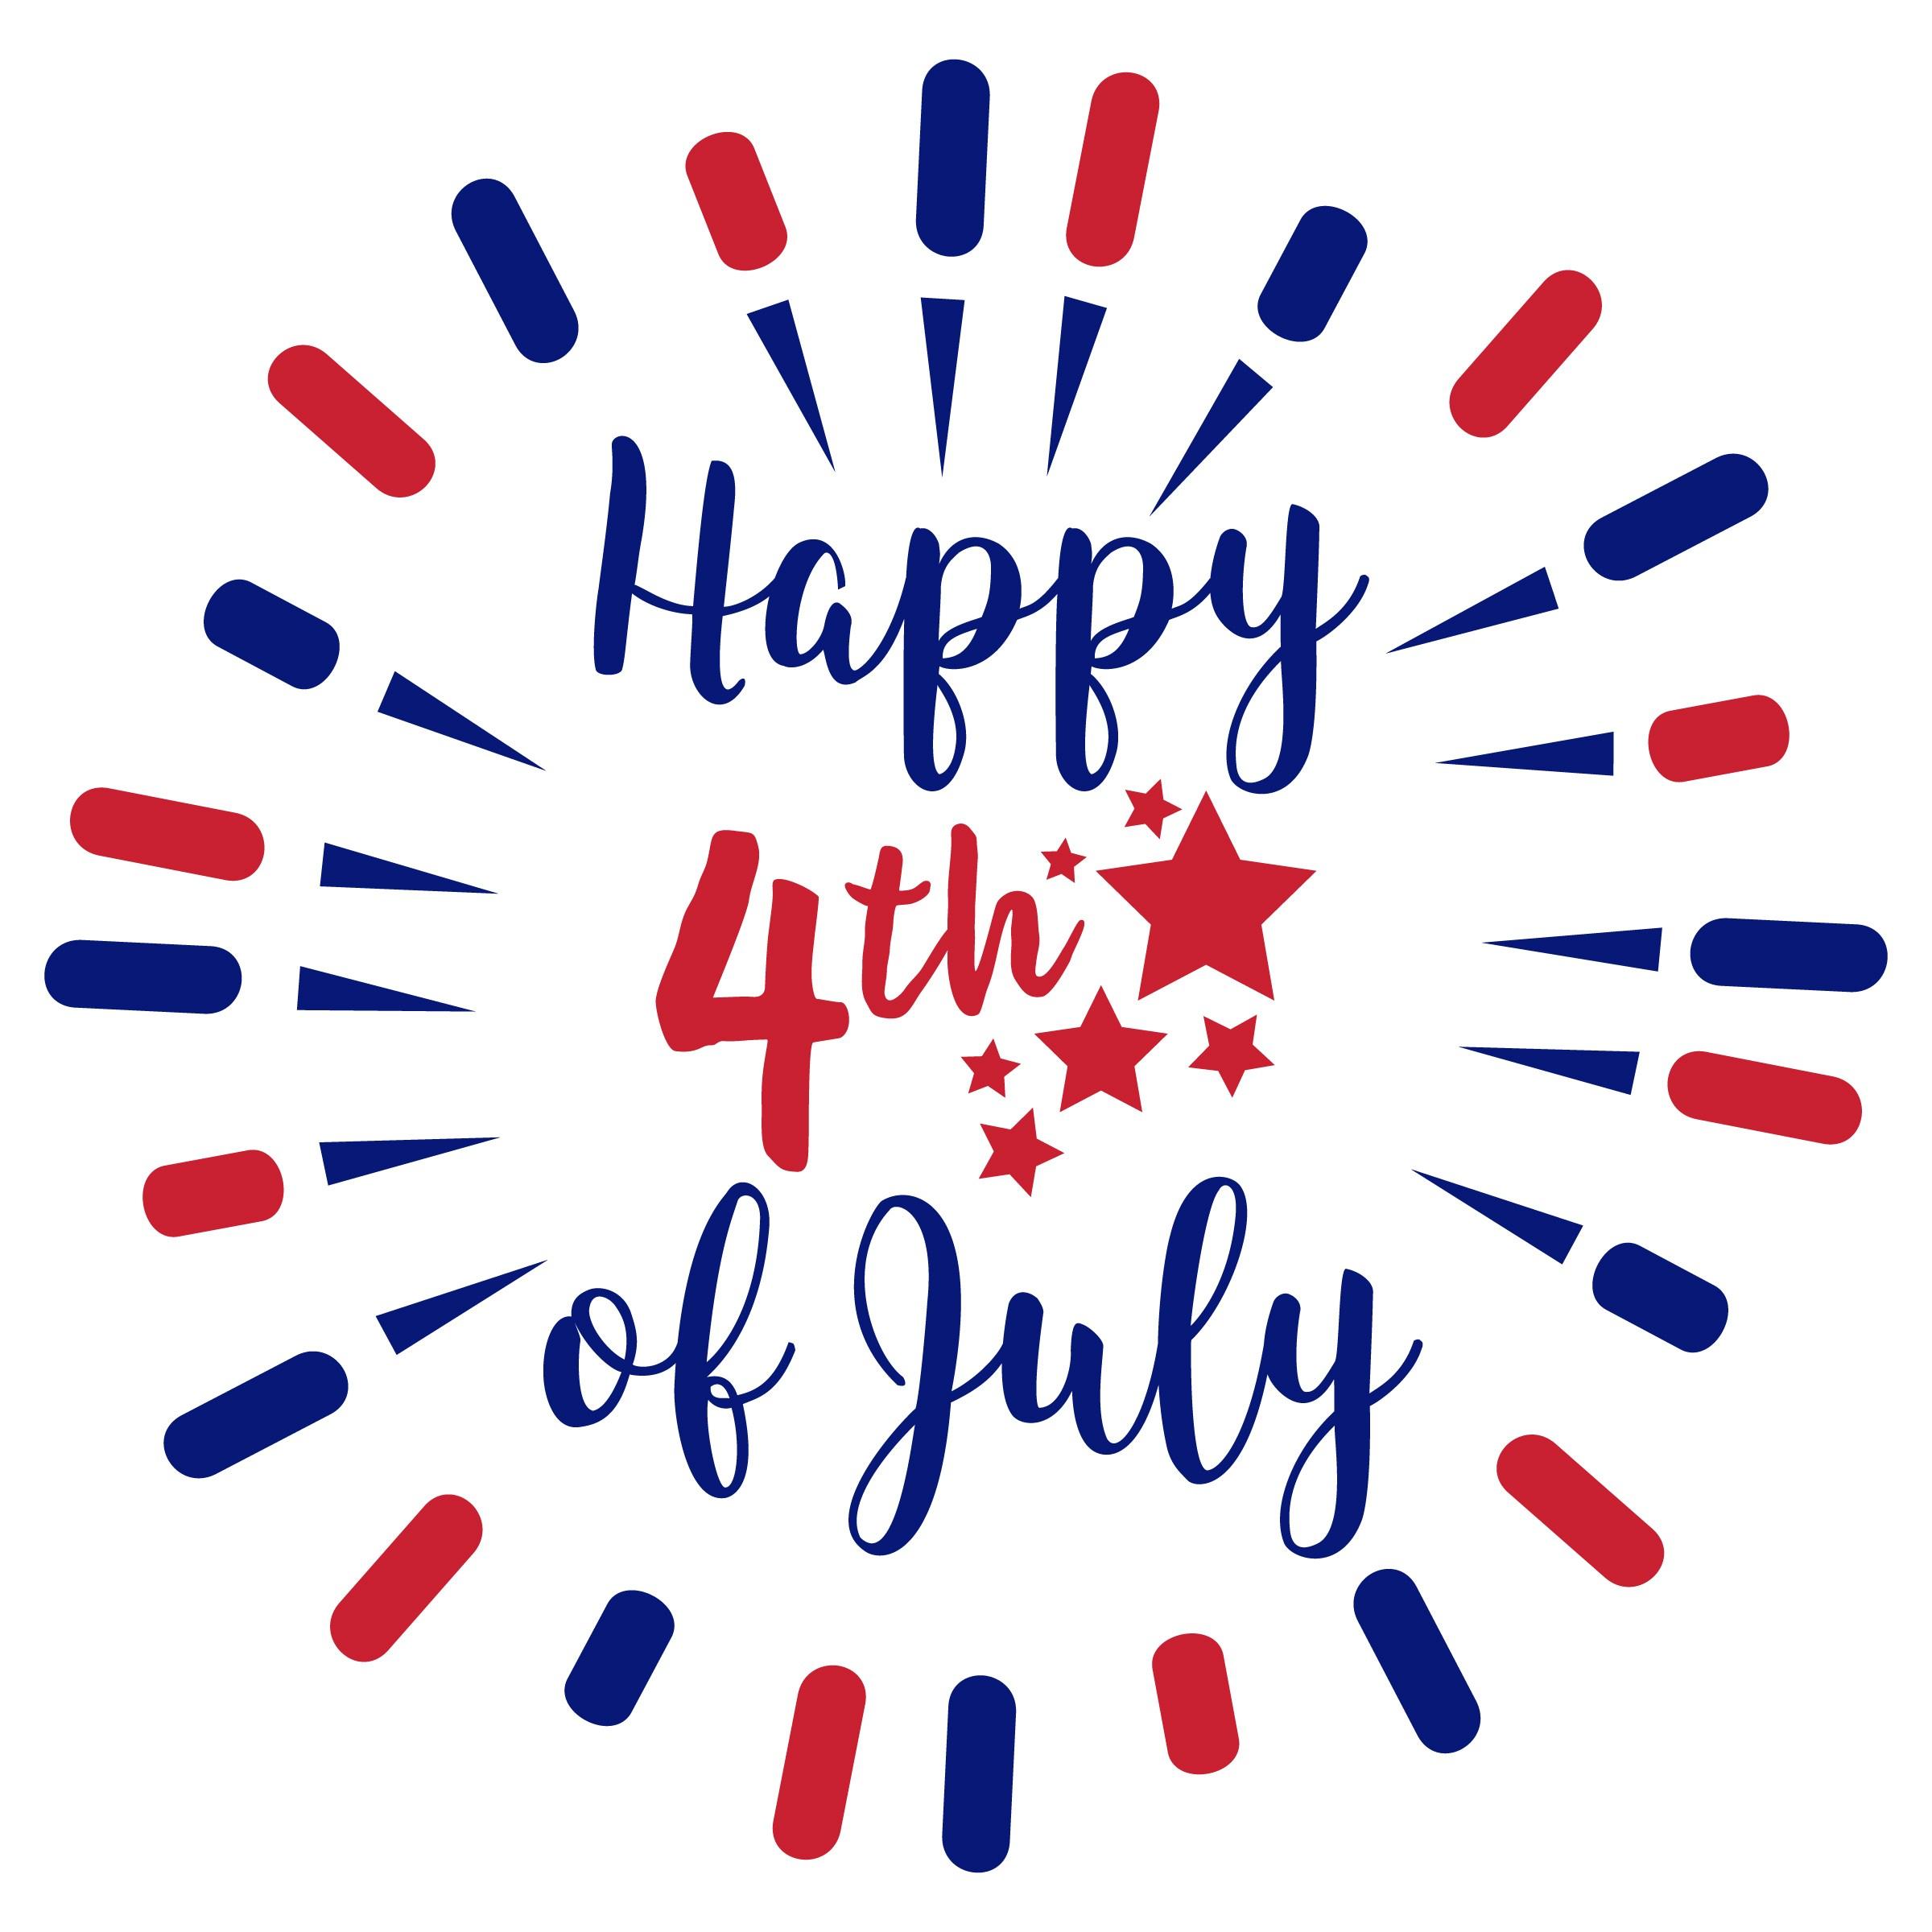 2400x2400 Happy 4th Of July Svg Freebie, Free Fourth Of July Svg, July 4th